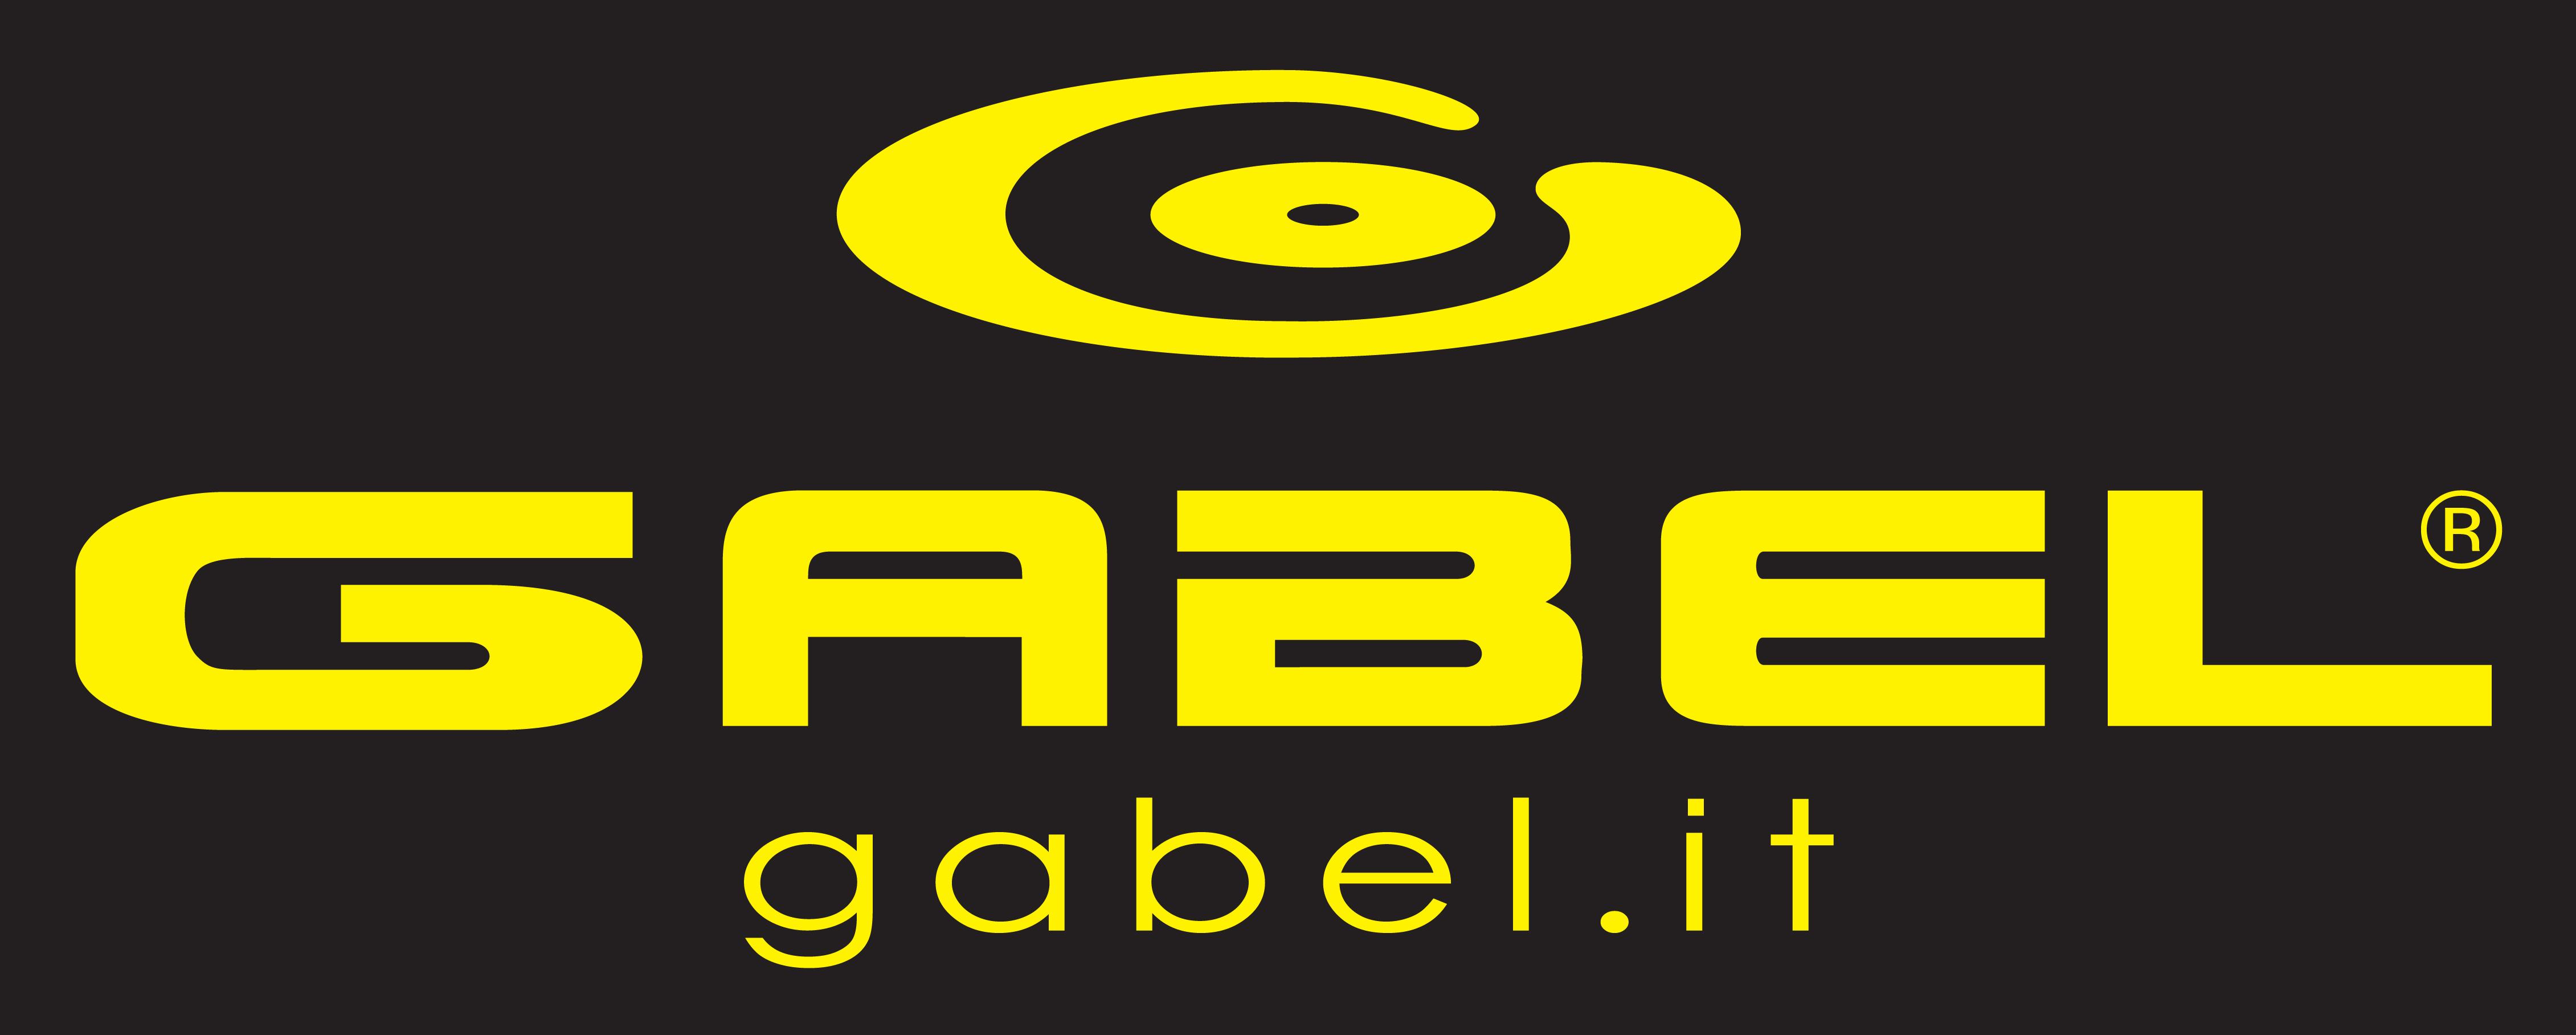 21 gabel logo